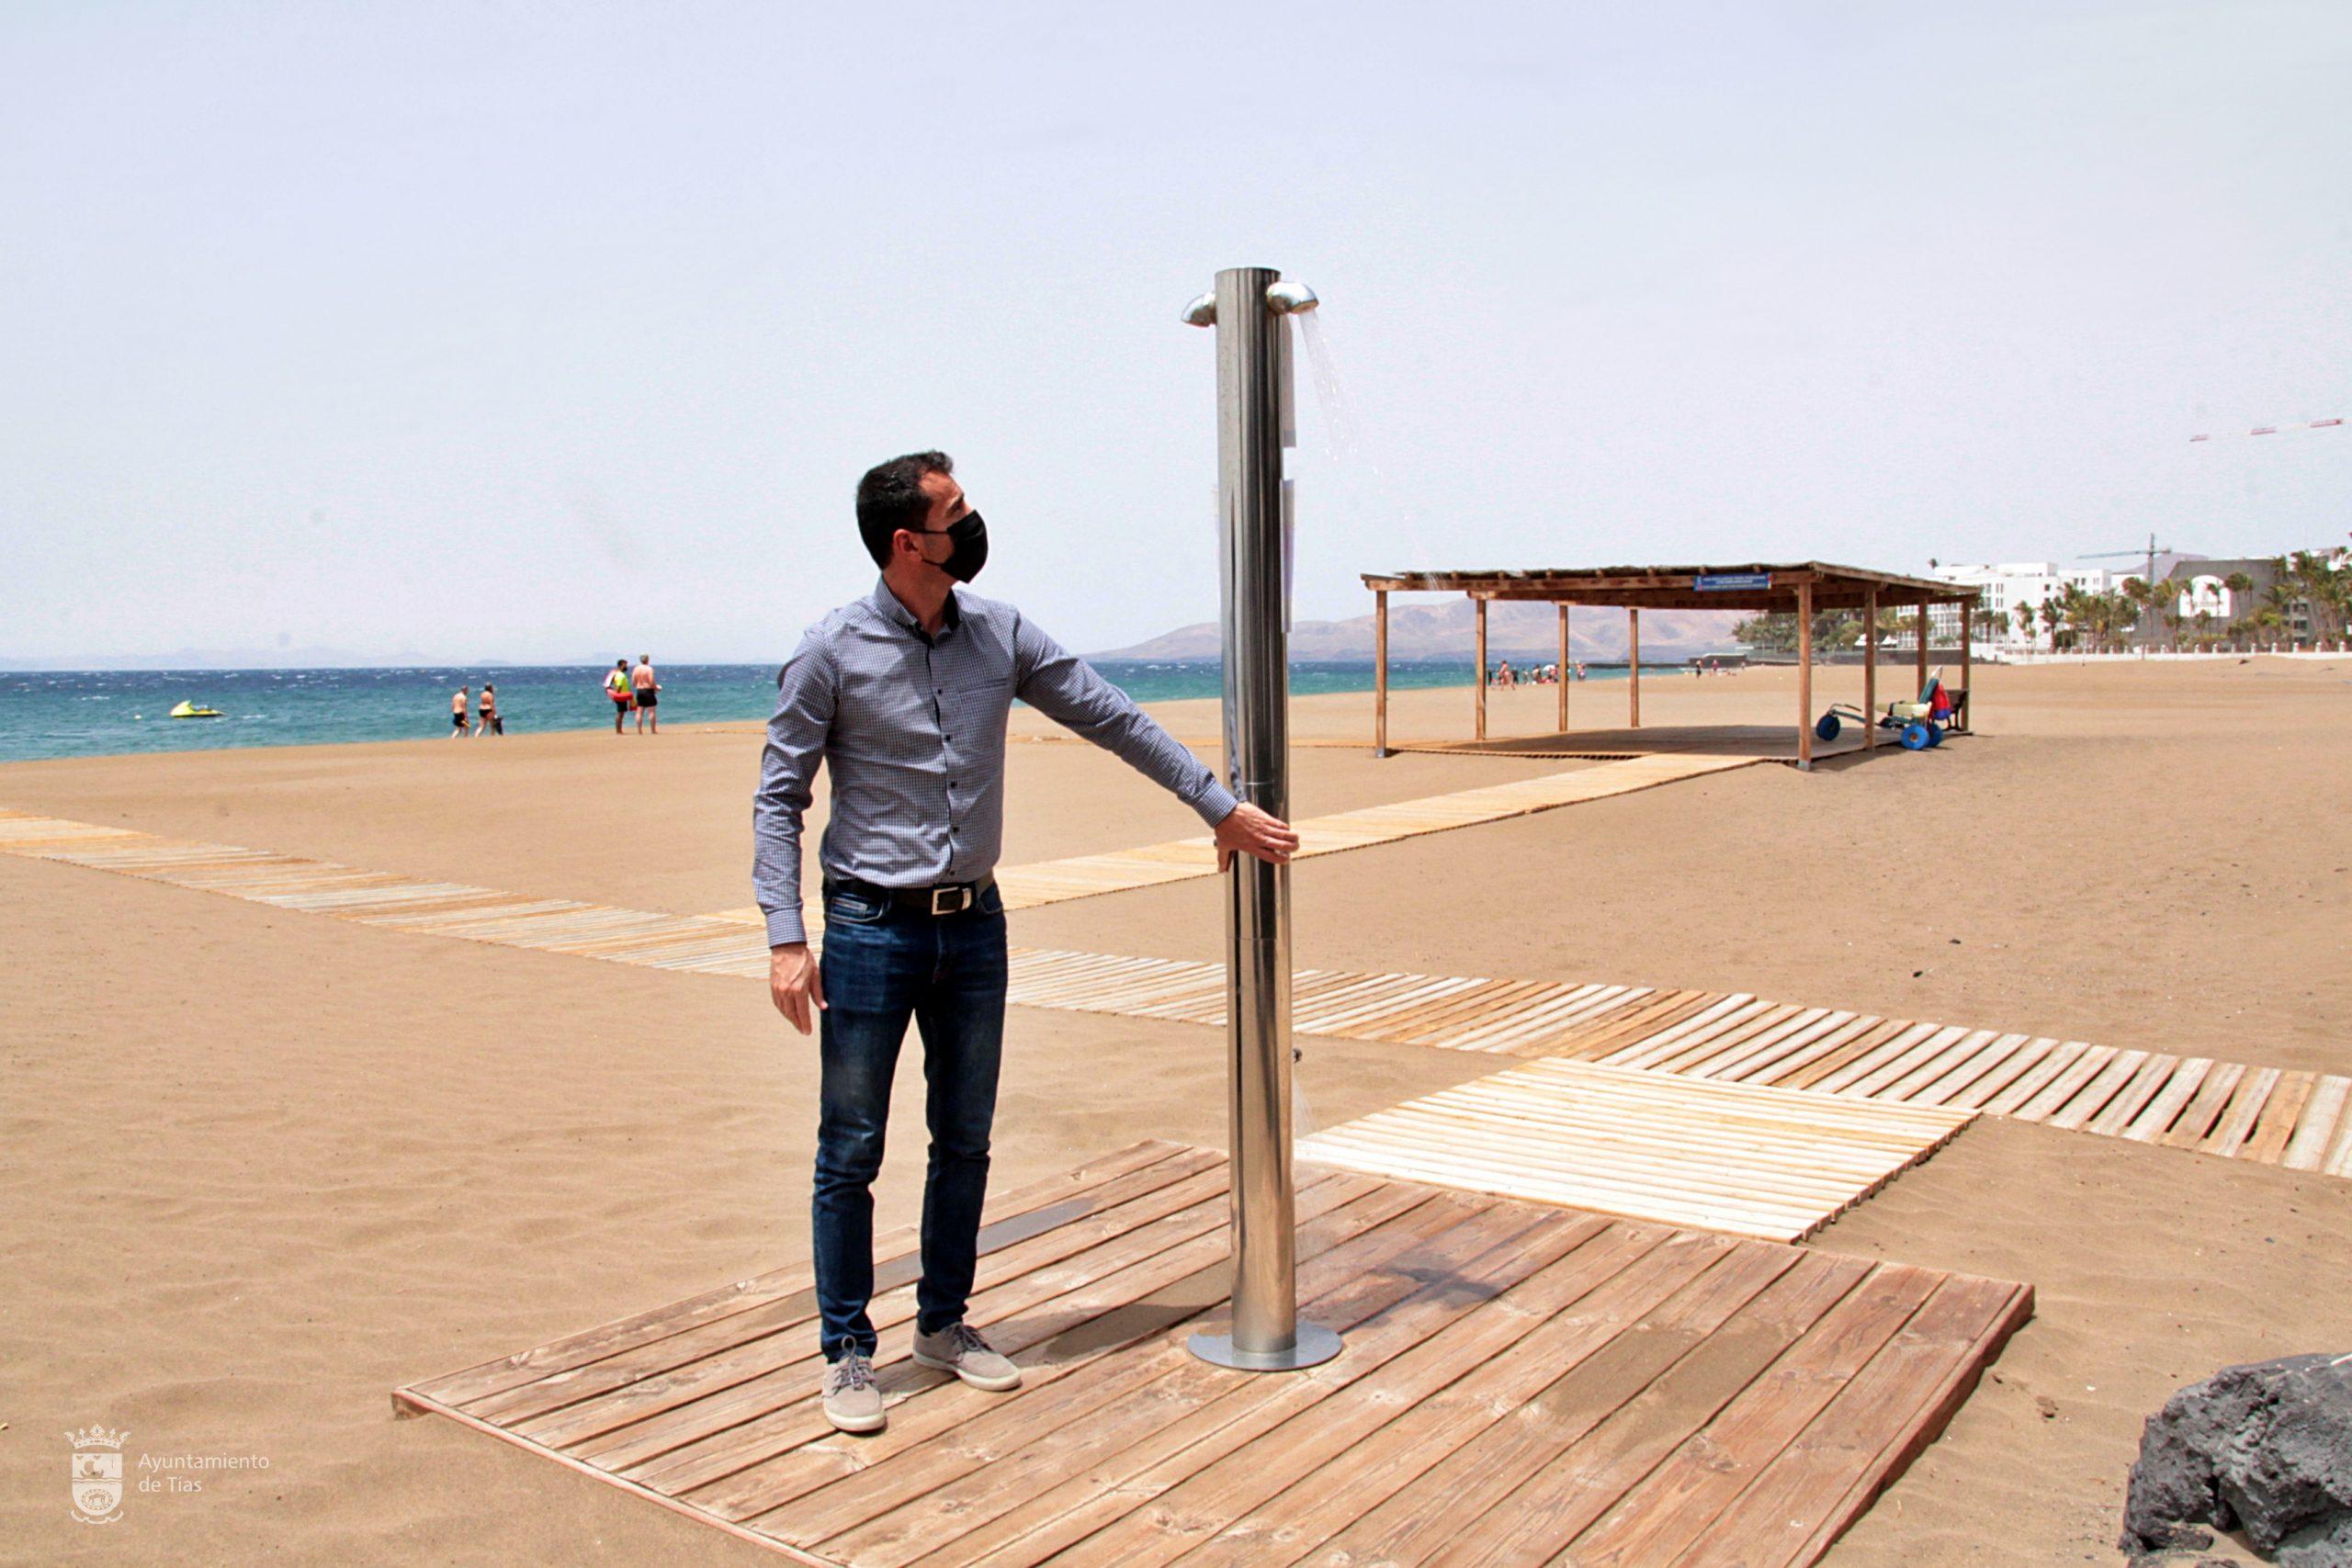 El Ayuntamiento de Tías, a partir de hoy, realiza la reapertura de los servicios de baños en las playas del municipio